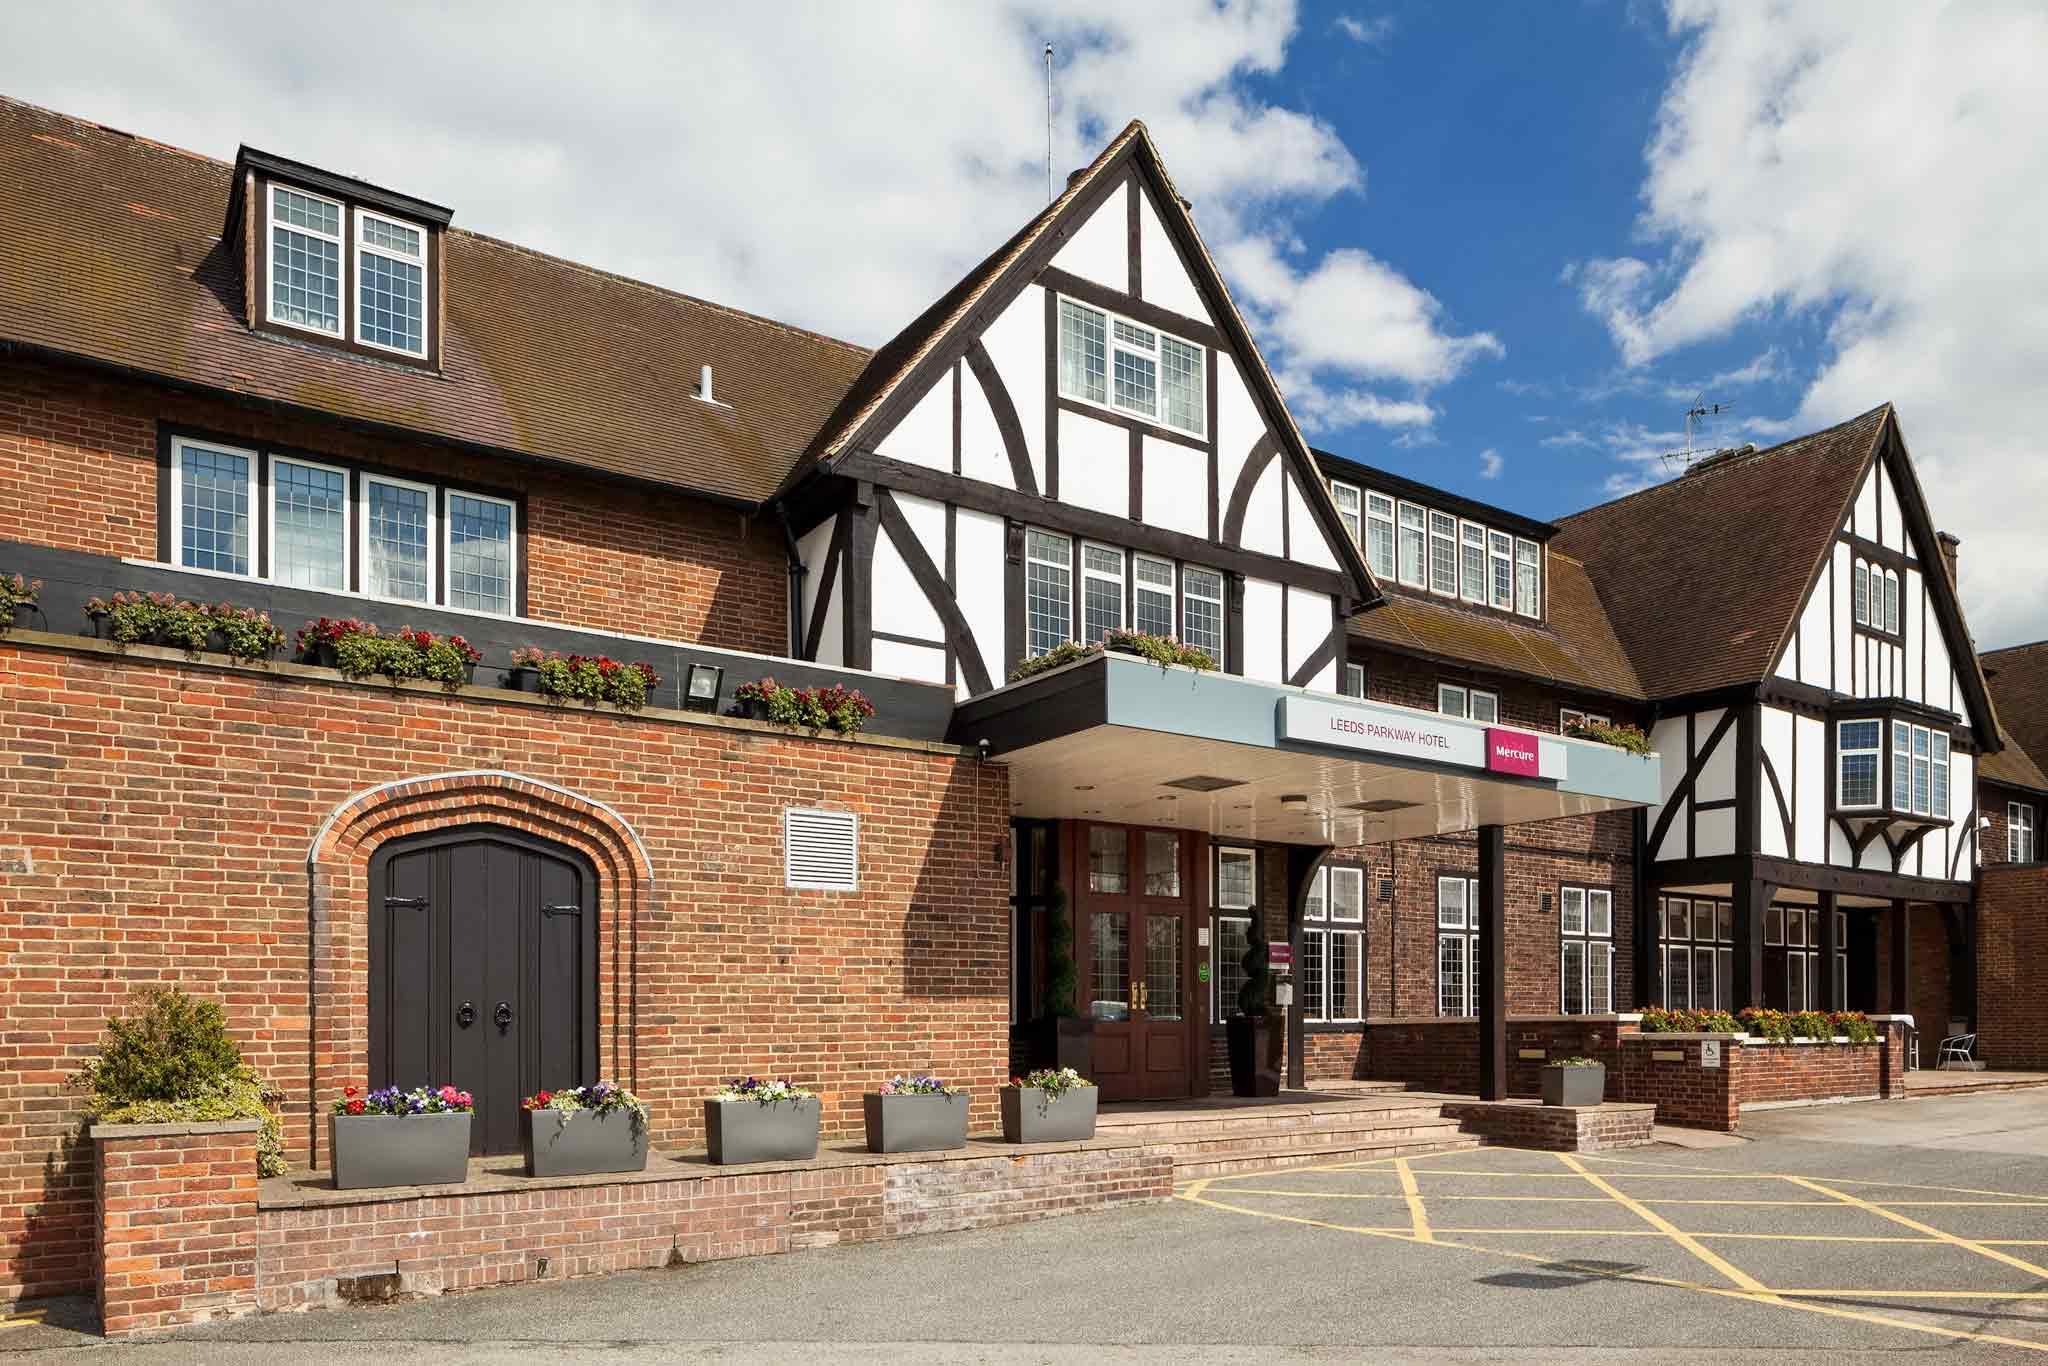 Hotel Mercure Leeds Parkway